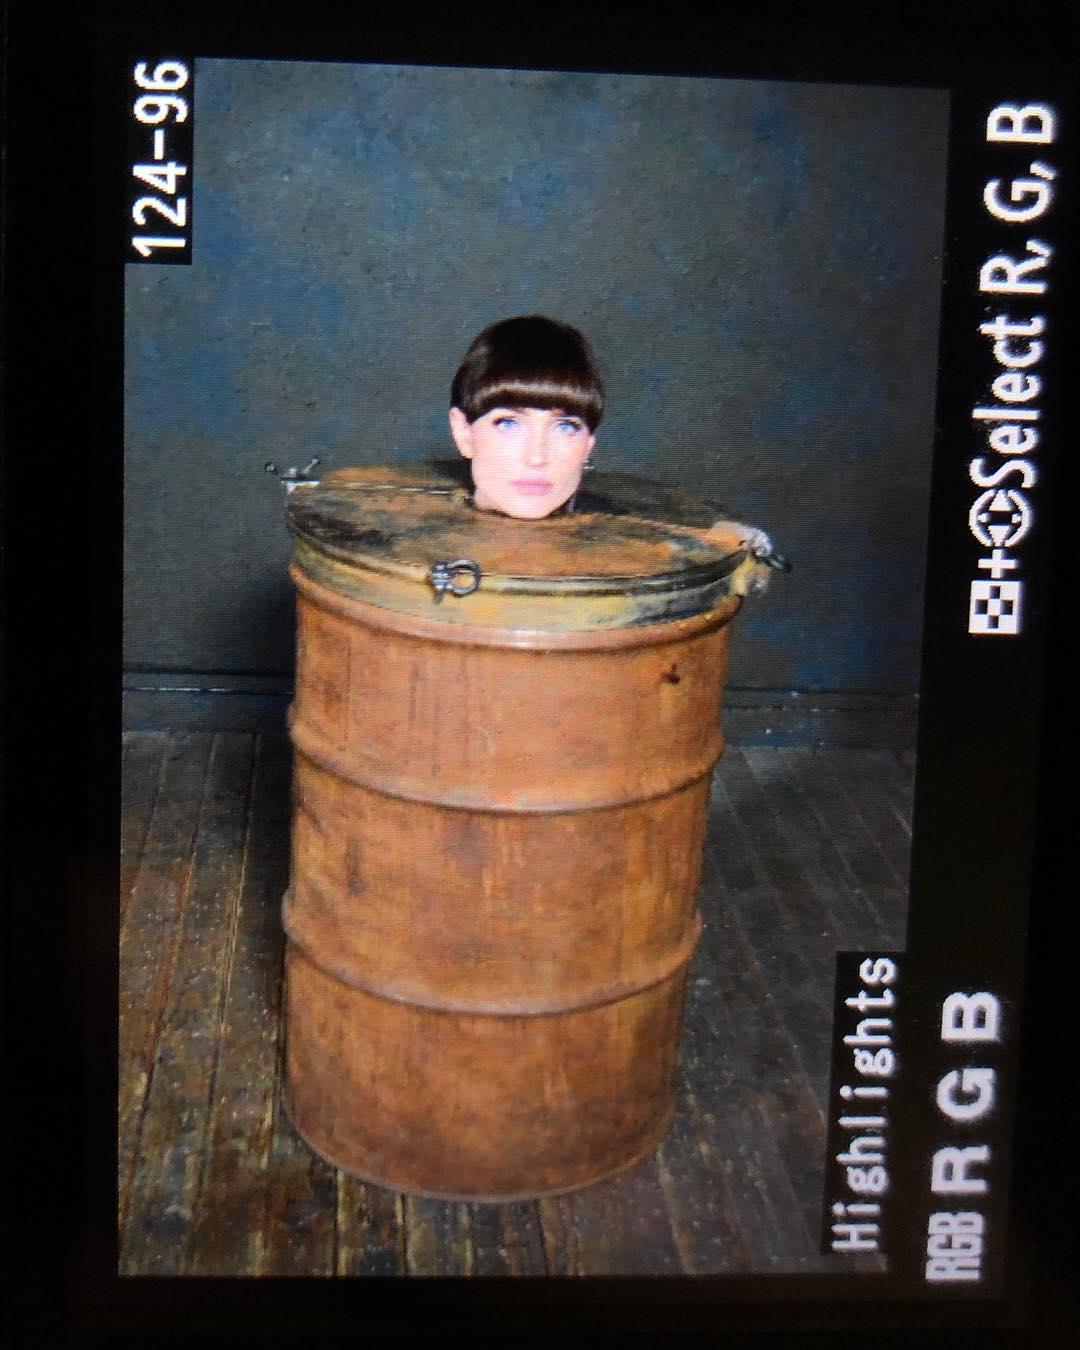 Natalie Mars kinky barrel bondage